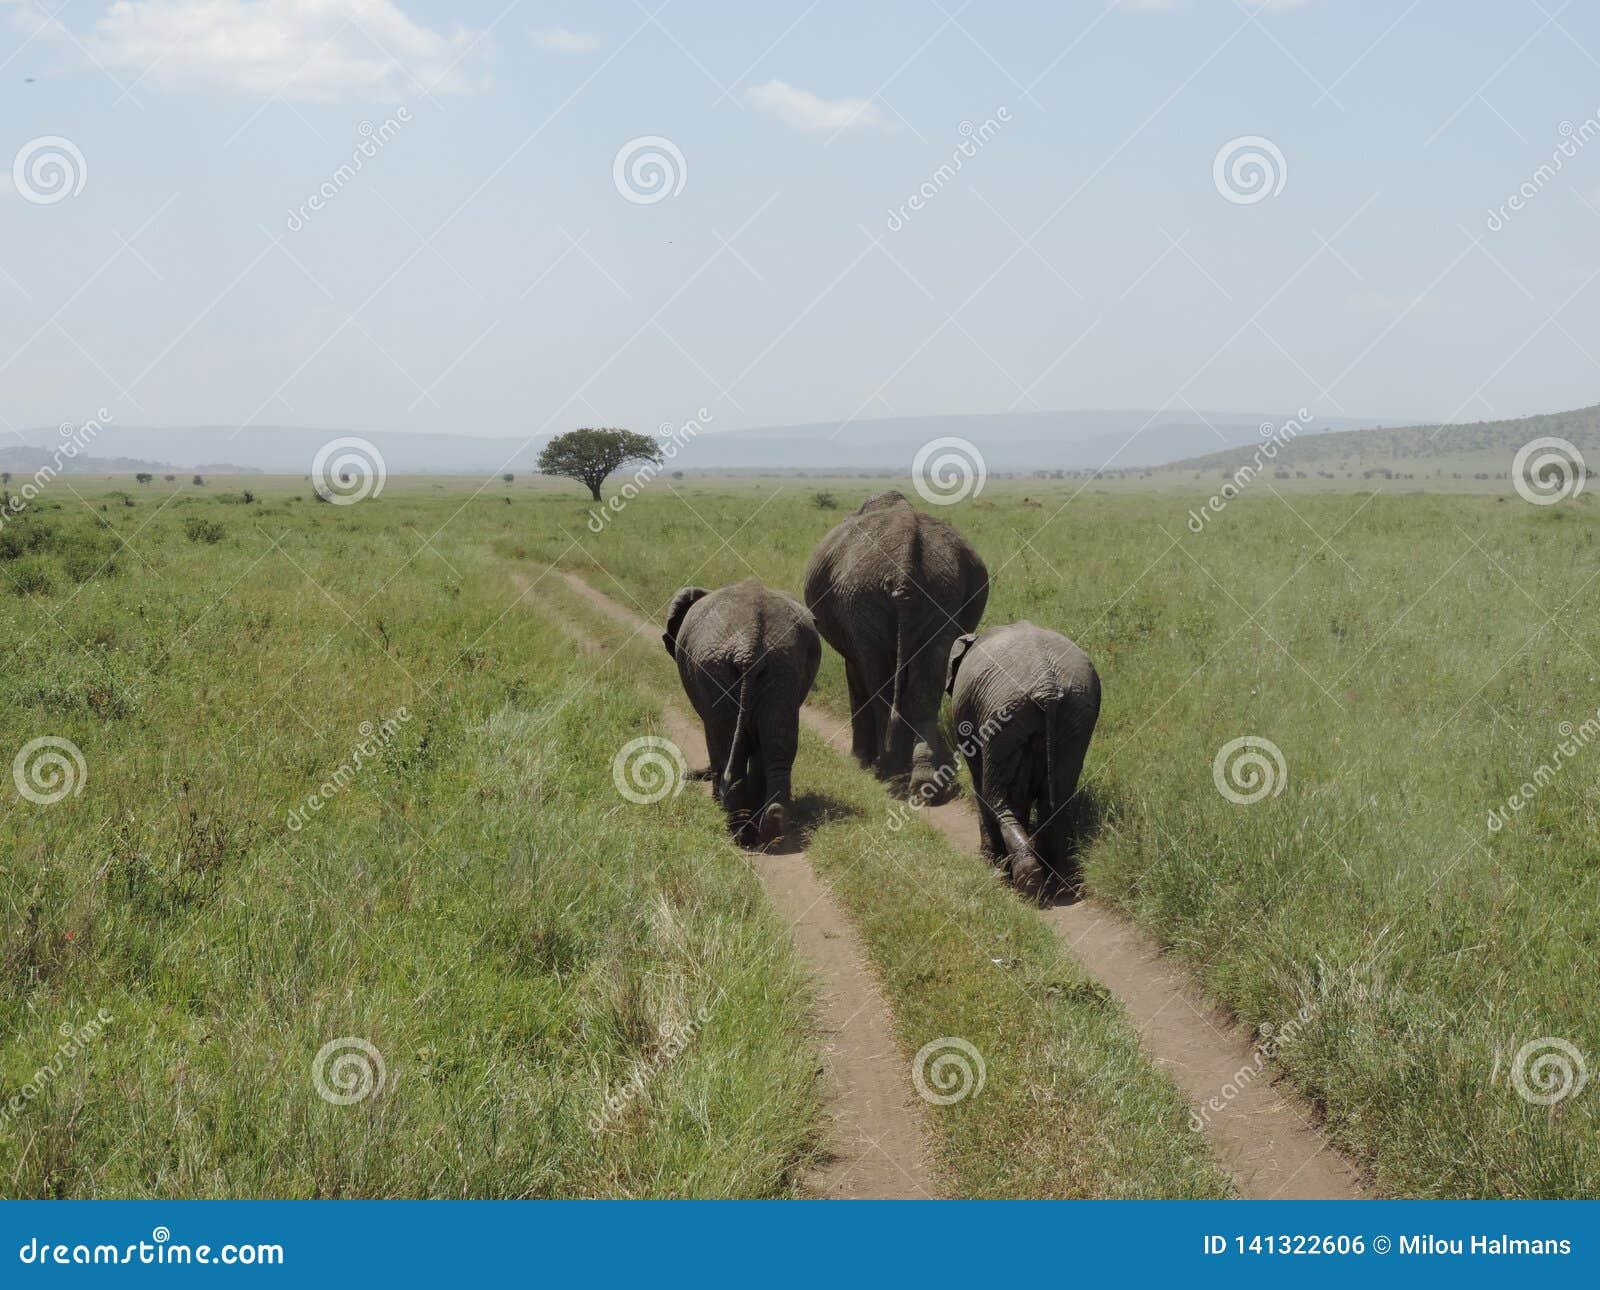 Afrikaanse moederolifant met babyolifanten in het Nationale Park van Serengeti, Tanzania